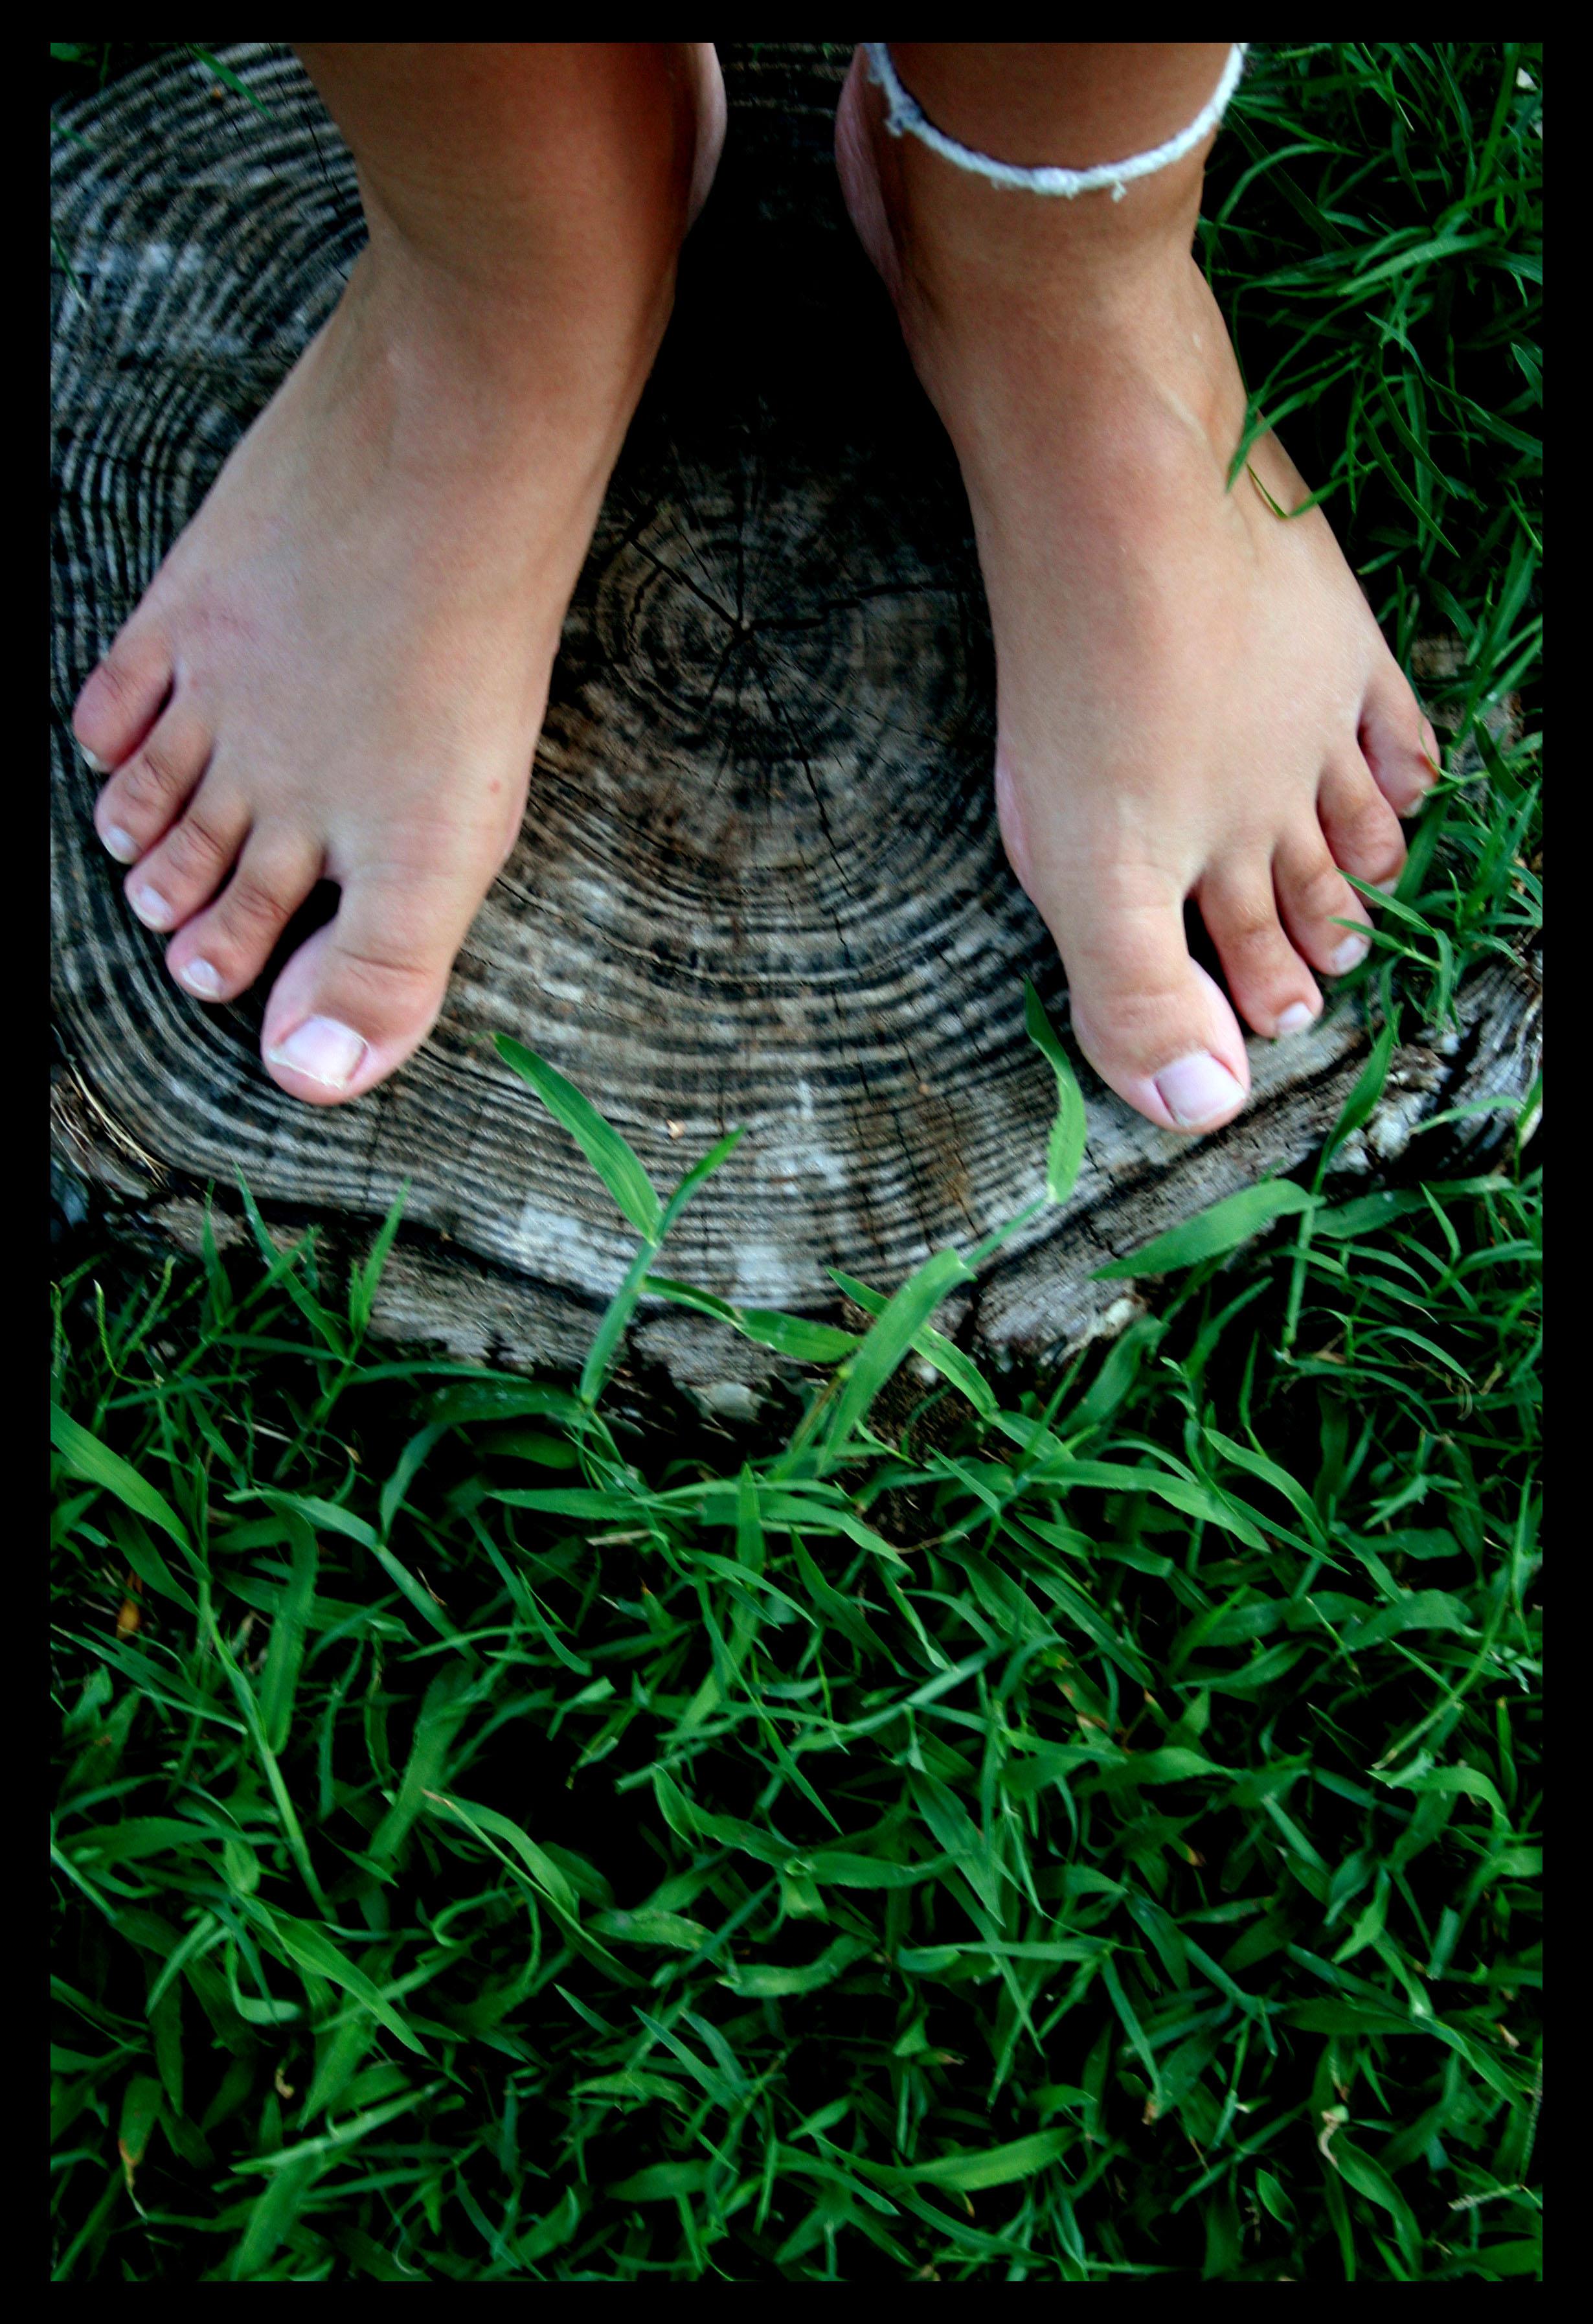 Feet, Conceptual, Down, Female, Grass, HQ Photo